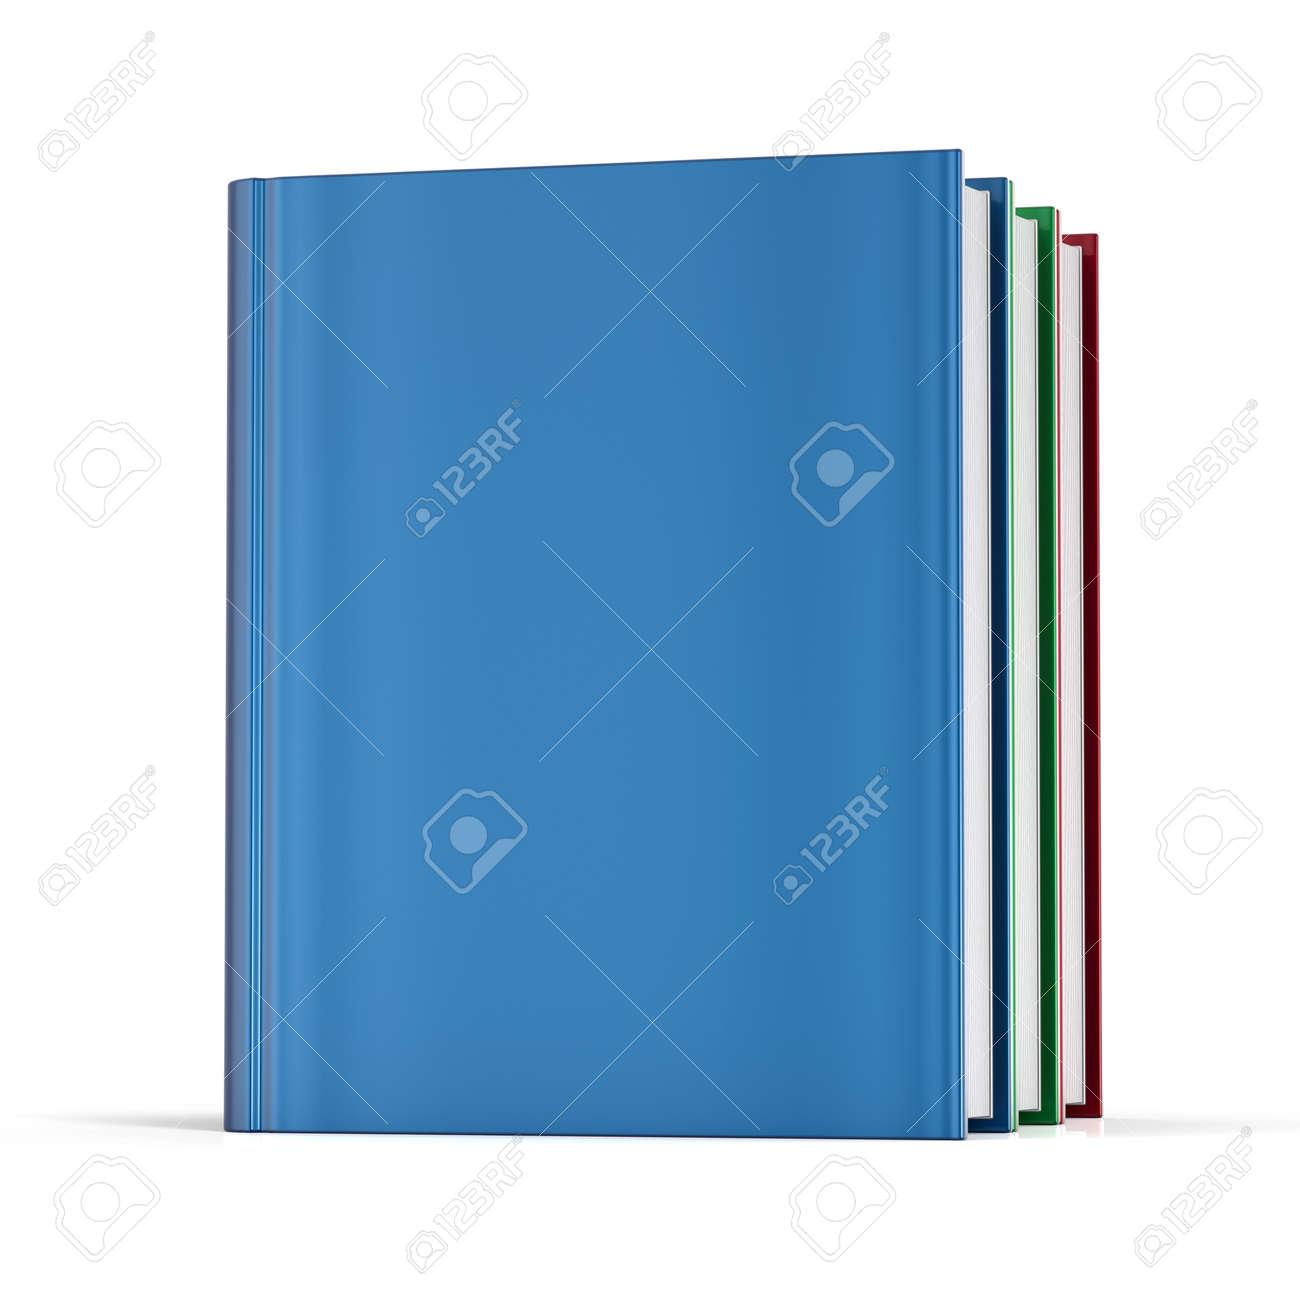 Livres Couverture Vierge Sans Etiquettes Modele Manuel Colore College Apprentissage Ecole Icone D Information Contenu Concept 3d Render Isole Sur